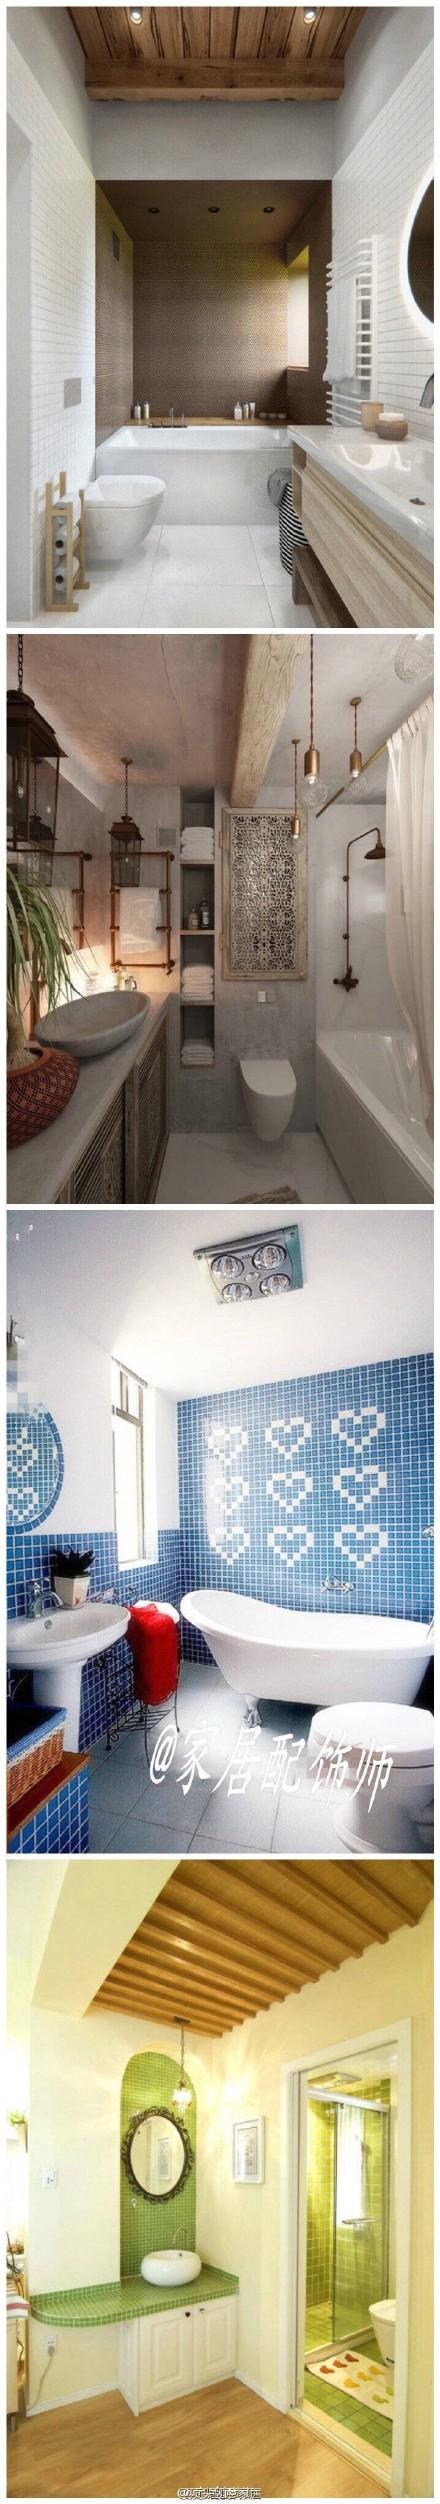 頂尖創意家居:35款浴室裝修效果圖例供你參考!總有一... - 微博精選 - 微博台灣站